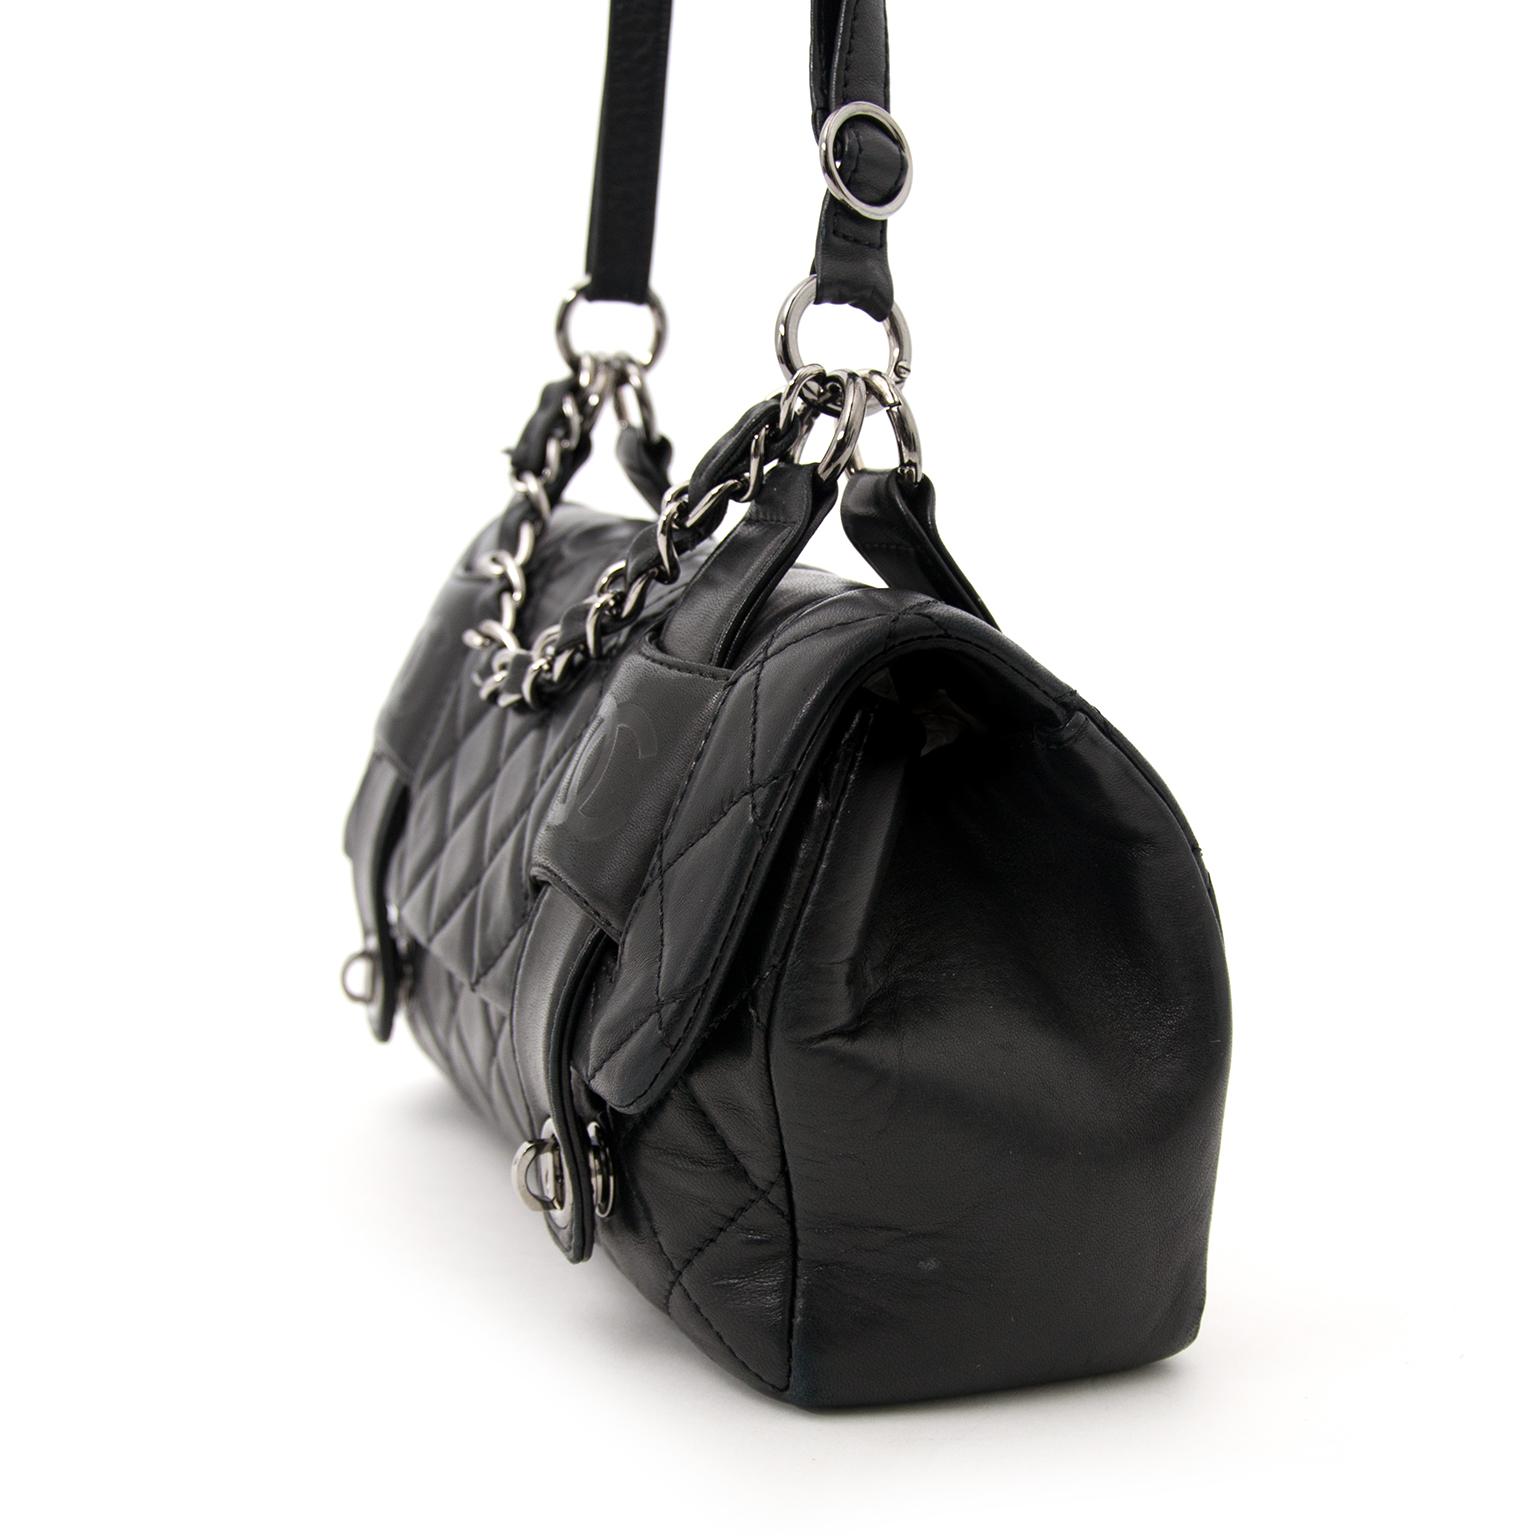 koop online aan de beste prijs Chanel Black Shoulder Bag